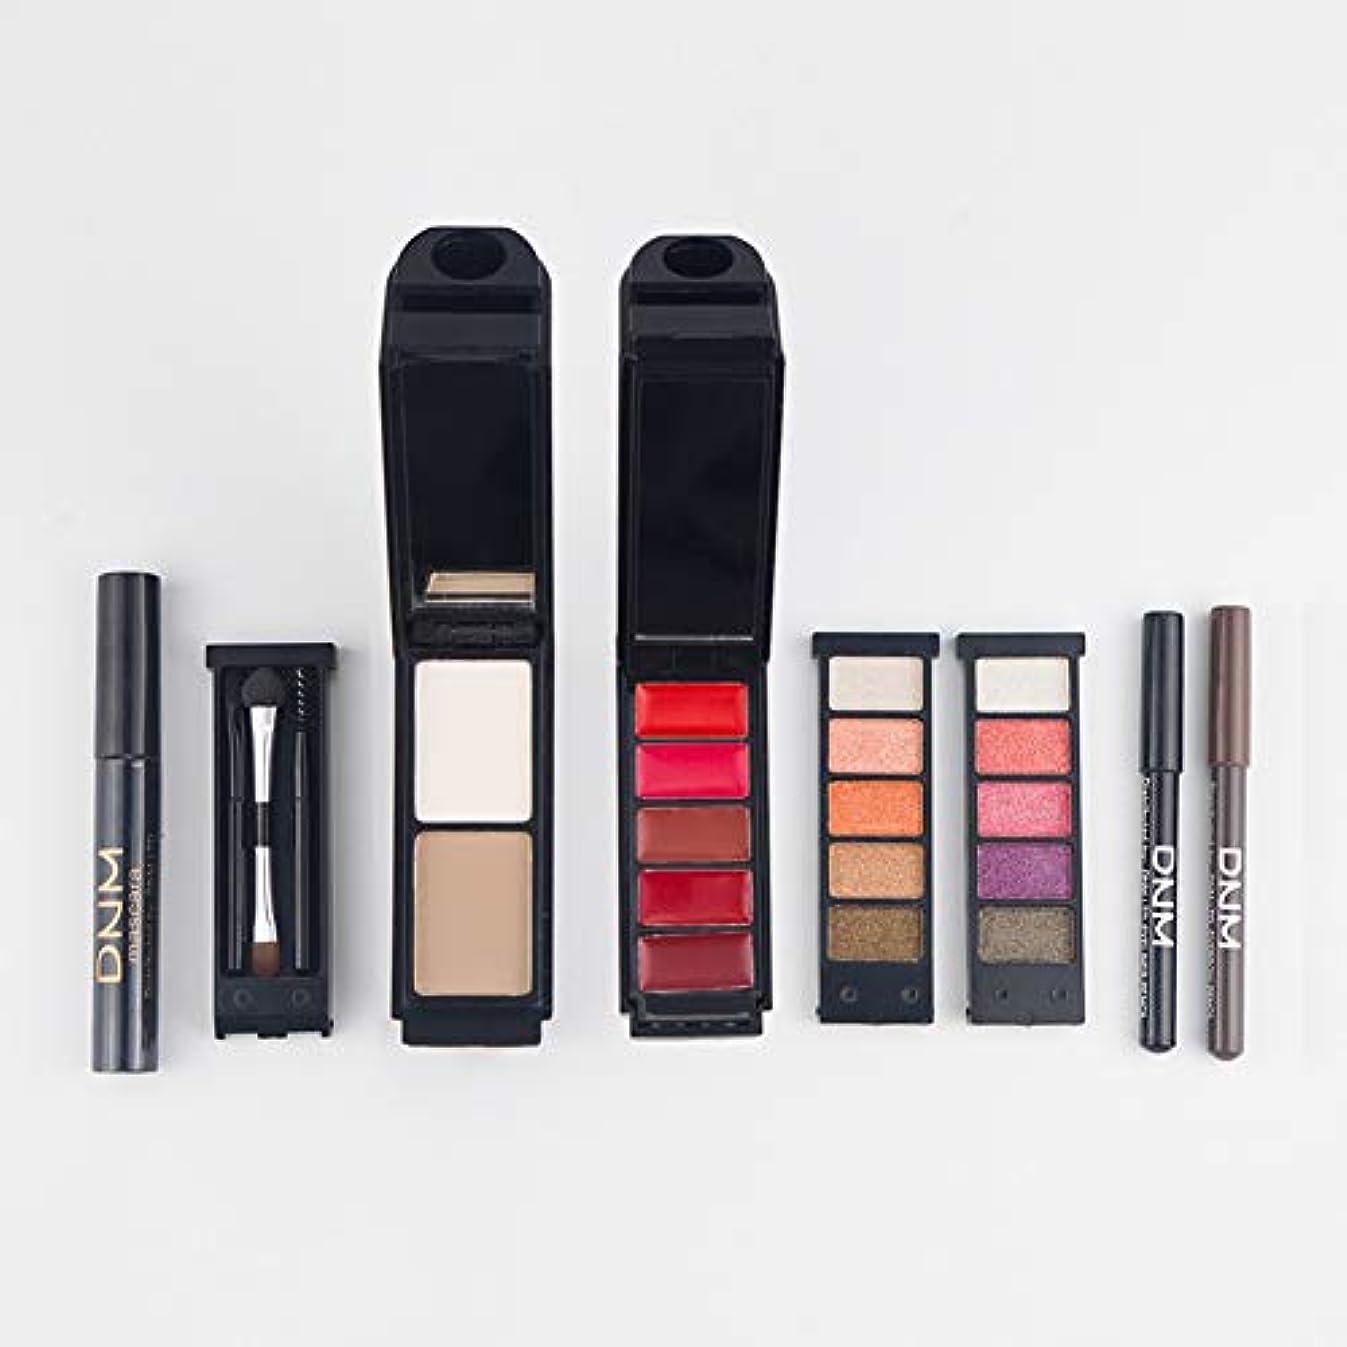 マラドロイトパンサーうそつきMeterMall 8個/セット女性の化粧品セット口紅+コンシーラー+アイシャドー+アイライナー+マスカラ+アイブロウペンシル